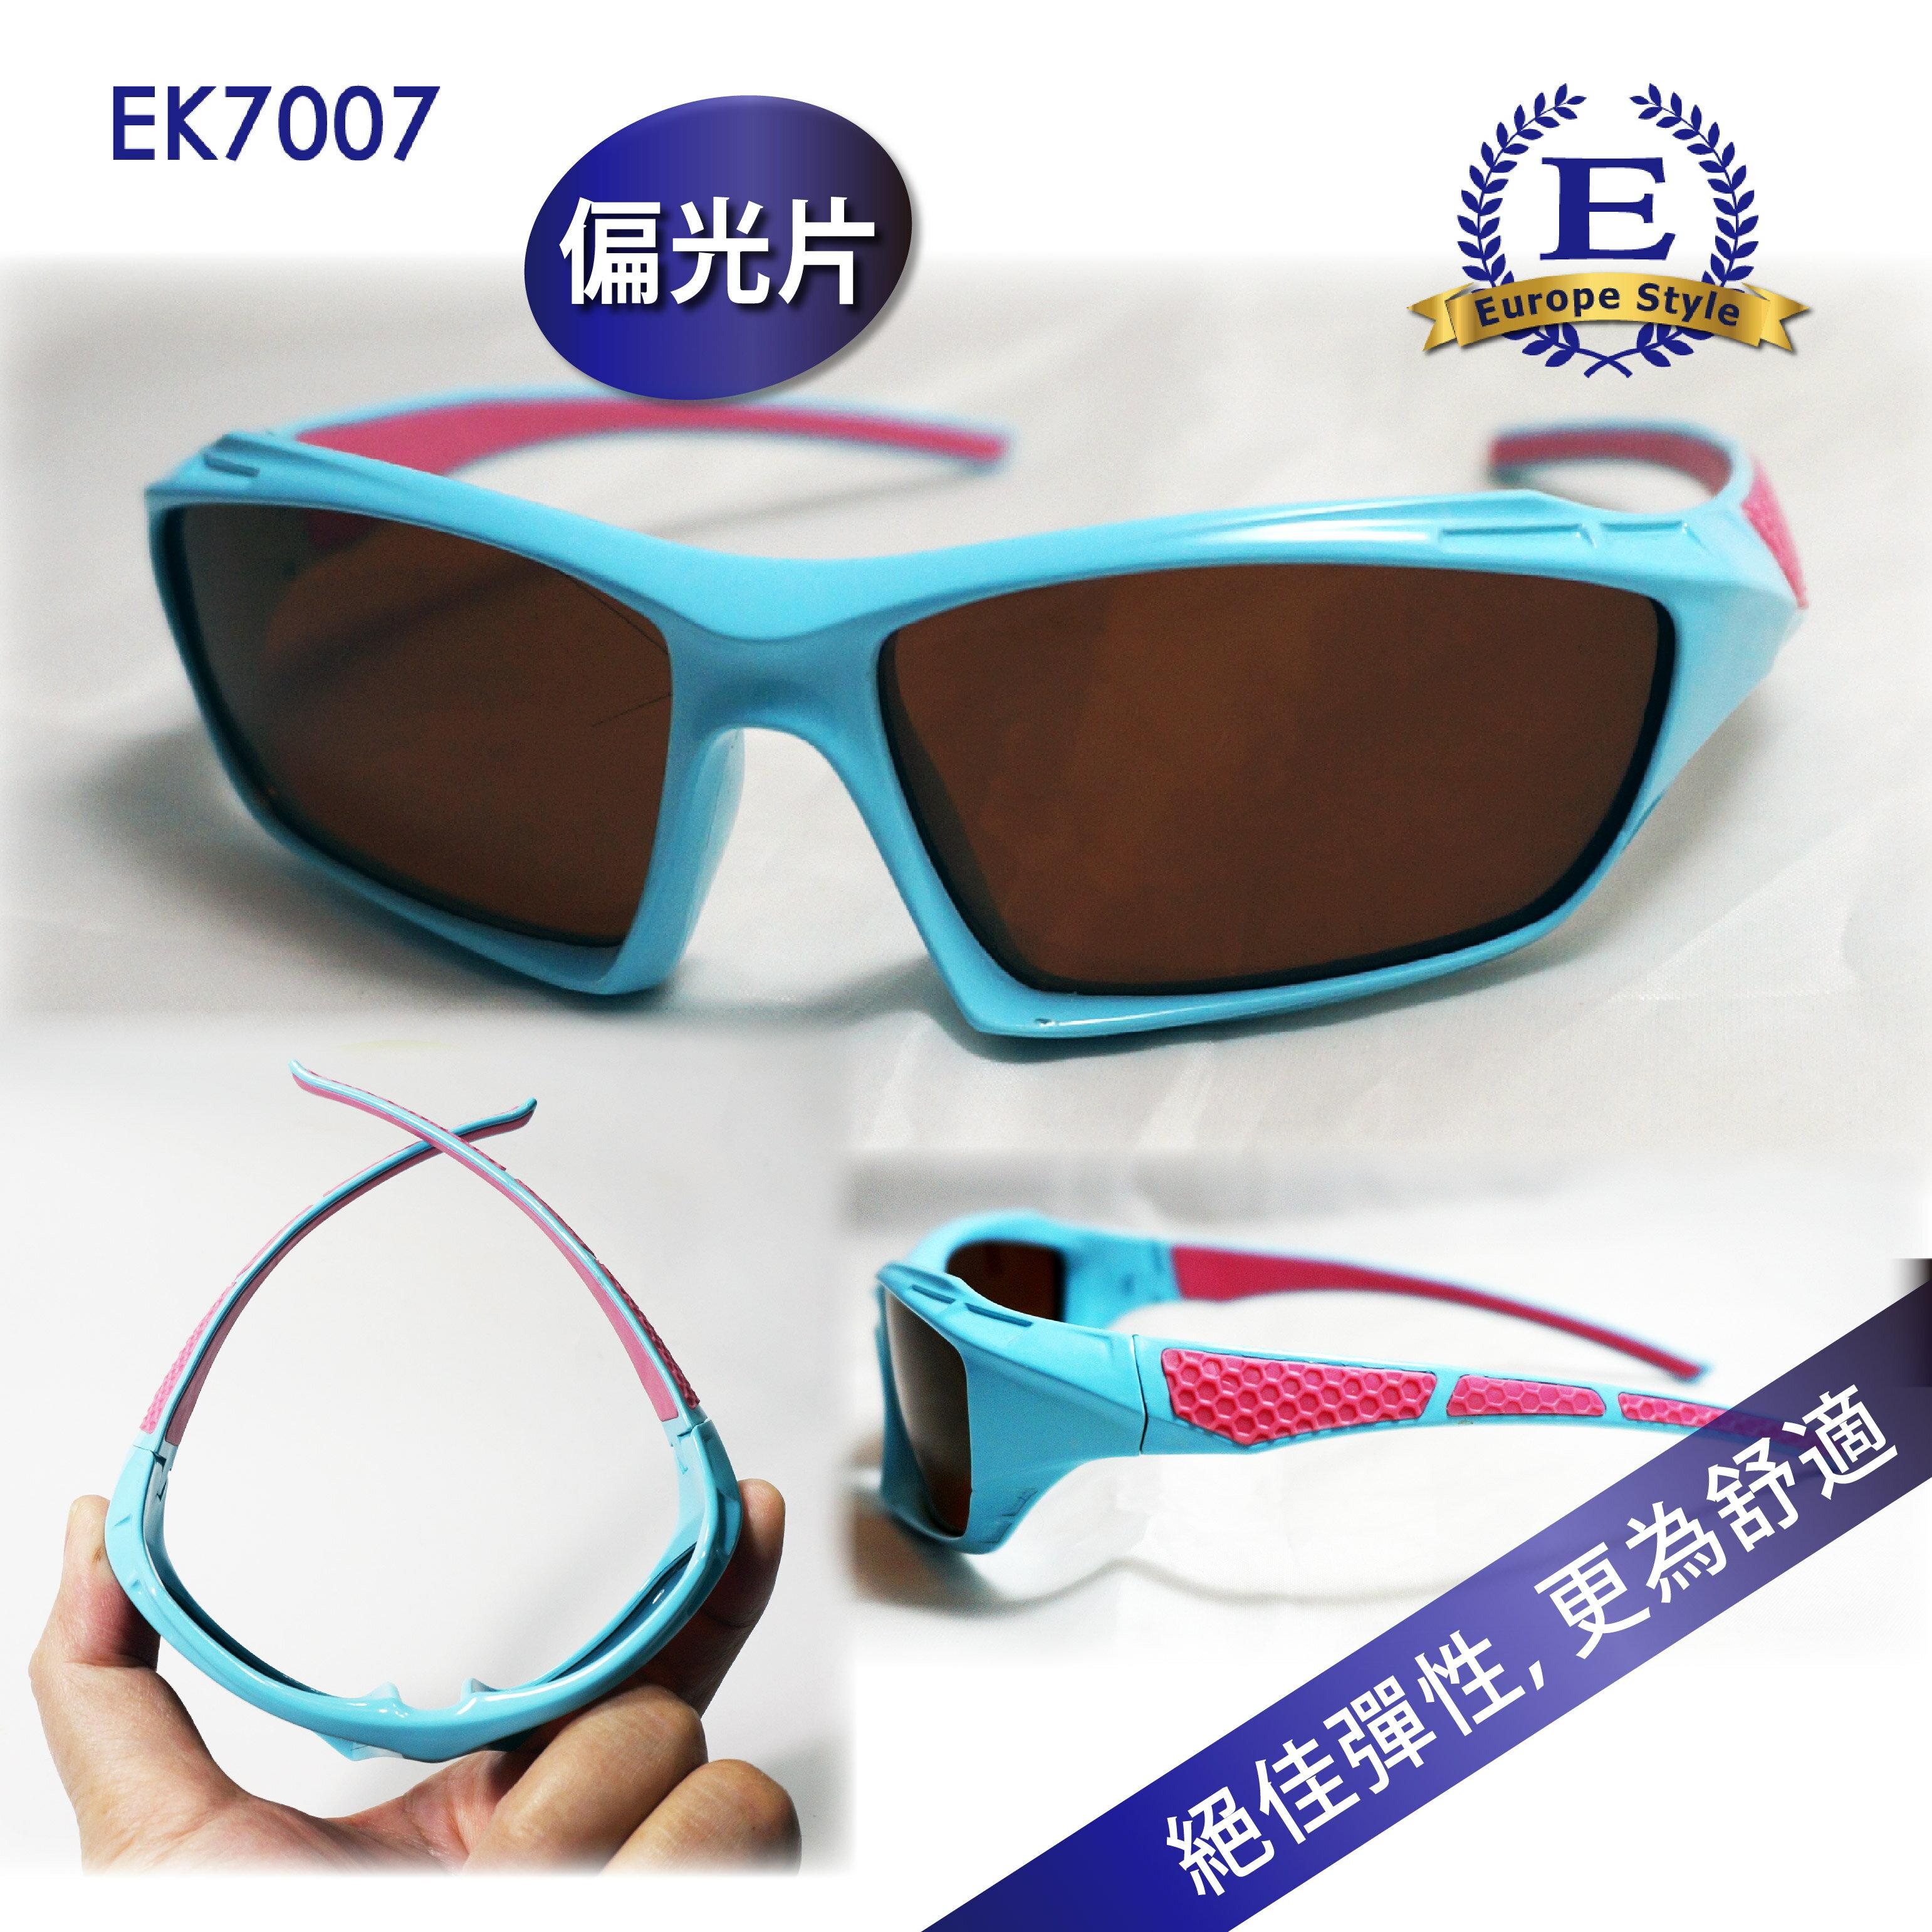 【歐風天地】兒童偏光太陽眼鏡 EK7007 偏光太陽眼鏡 防風眼鏡 單車眼鏡 運動太陽眼鏡 運動眼鏡 自行車眼鏡 野外戶外用品